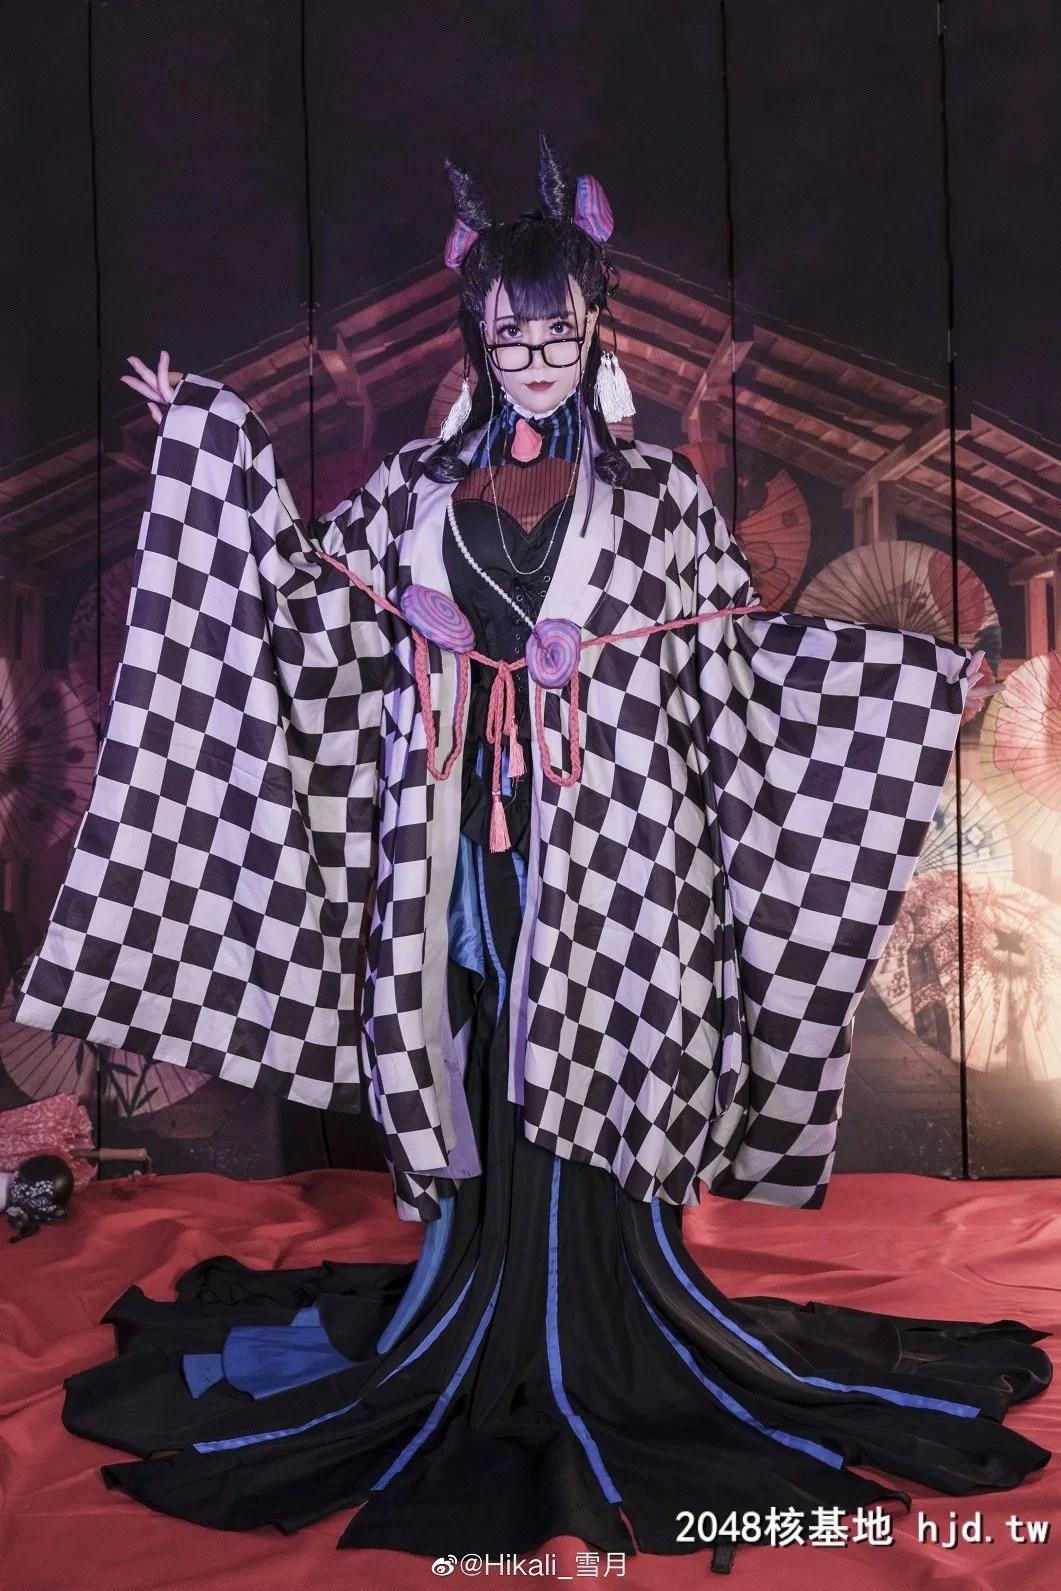 Fate/GrandOrder紫式部@Hikali_雪月 (10P)插图(8)